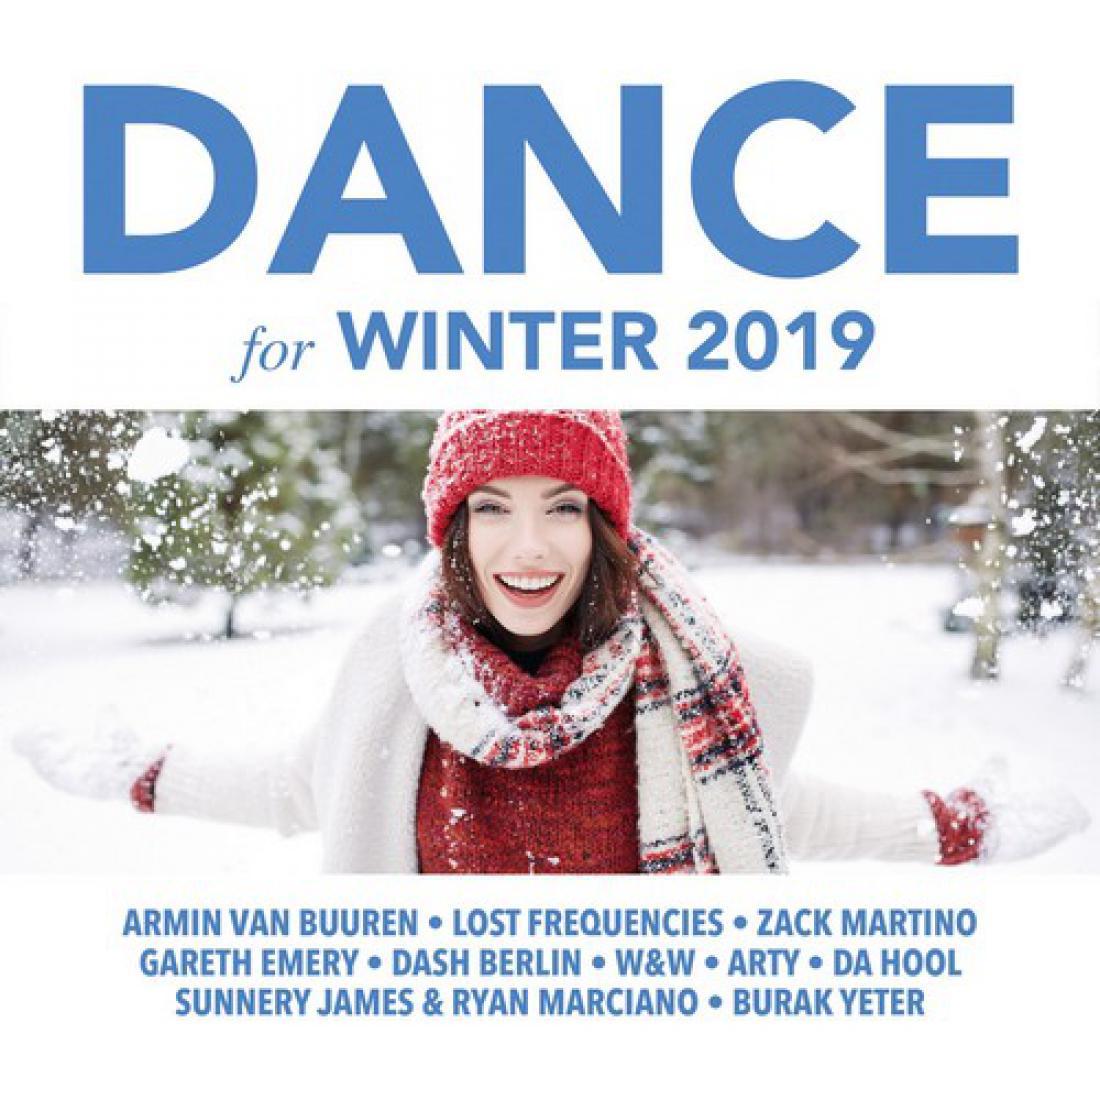 Taneczne przeboje na zimę 2019!